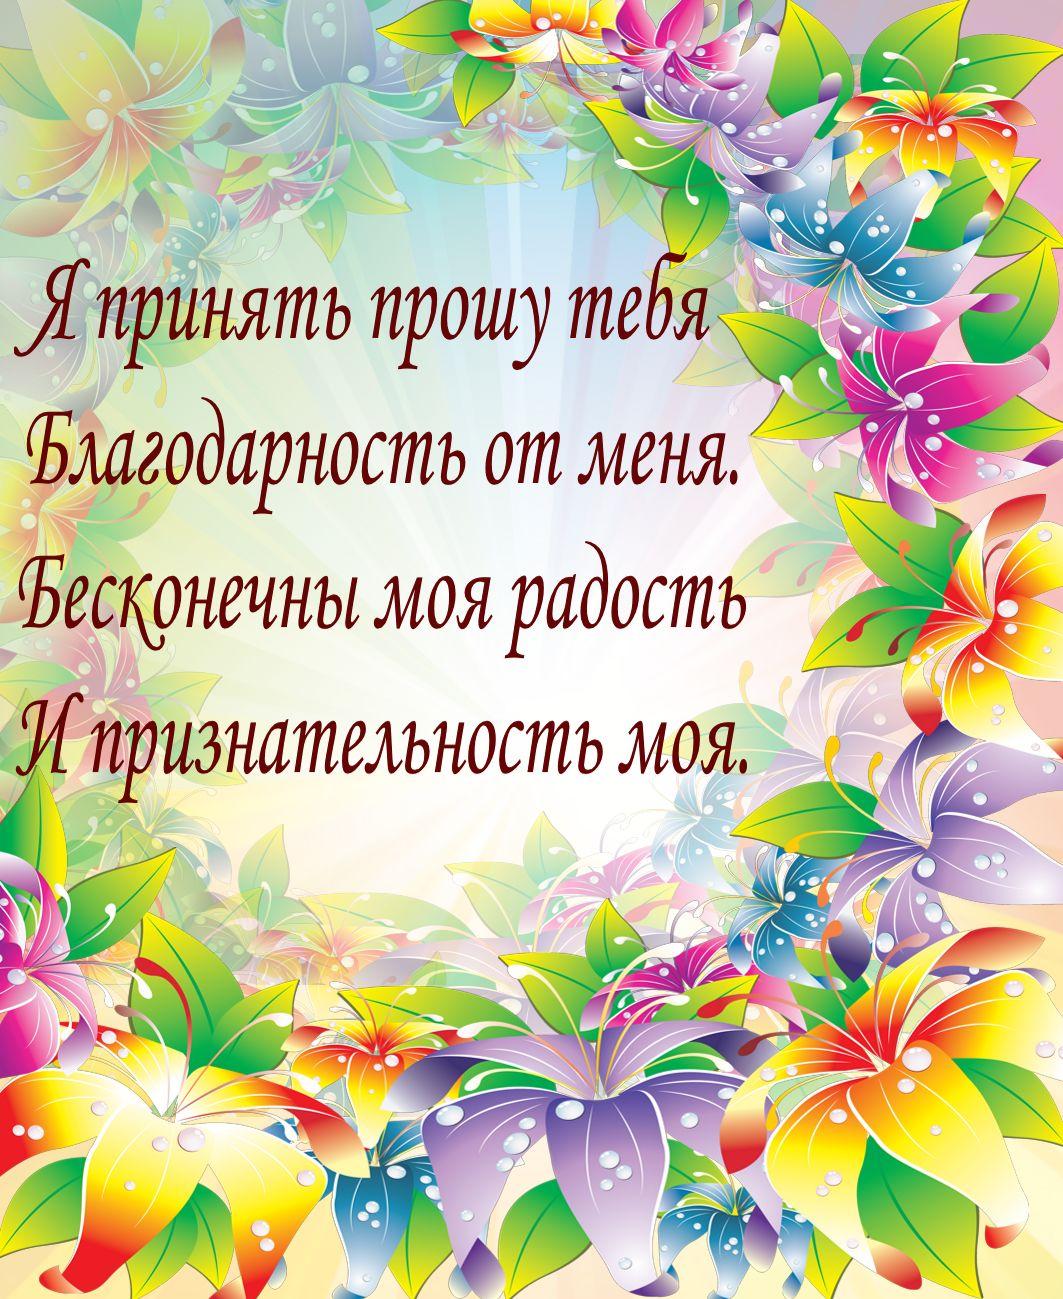 Открытка - благодарность в стихах в цветочной рамке